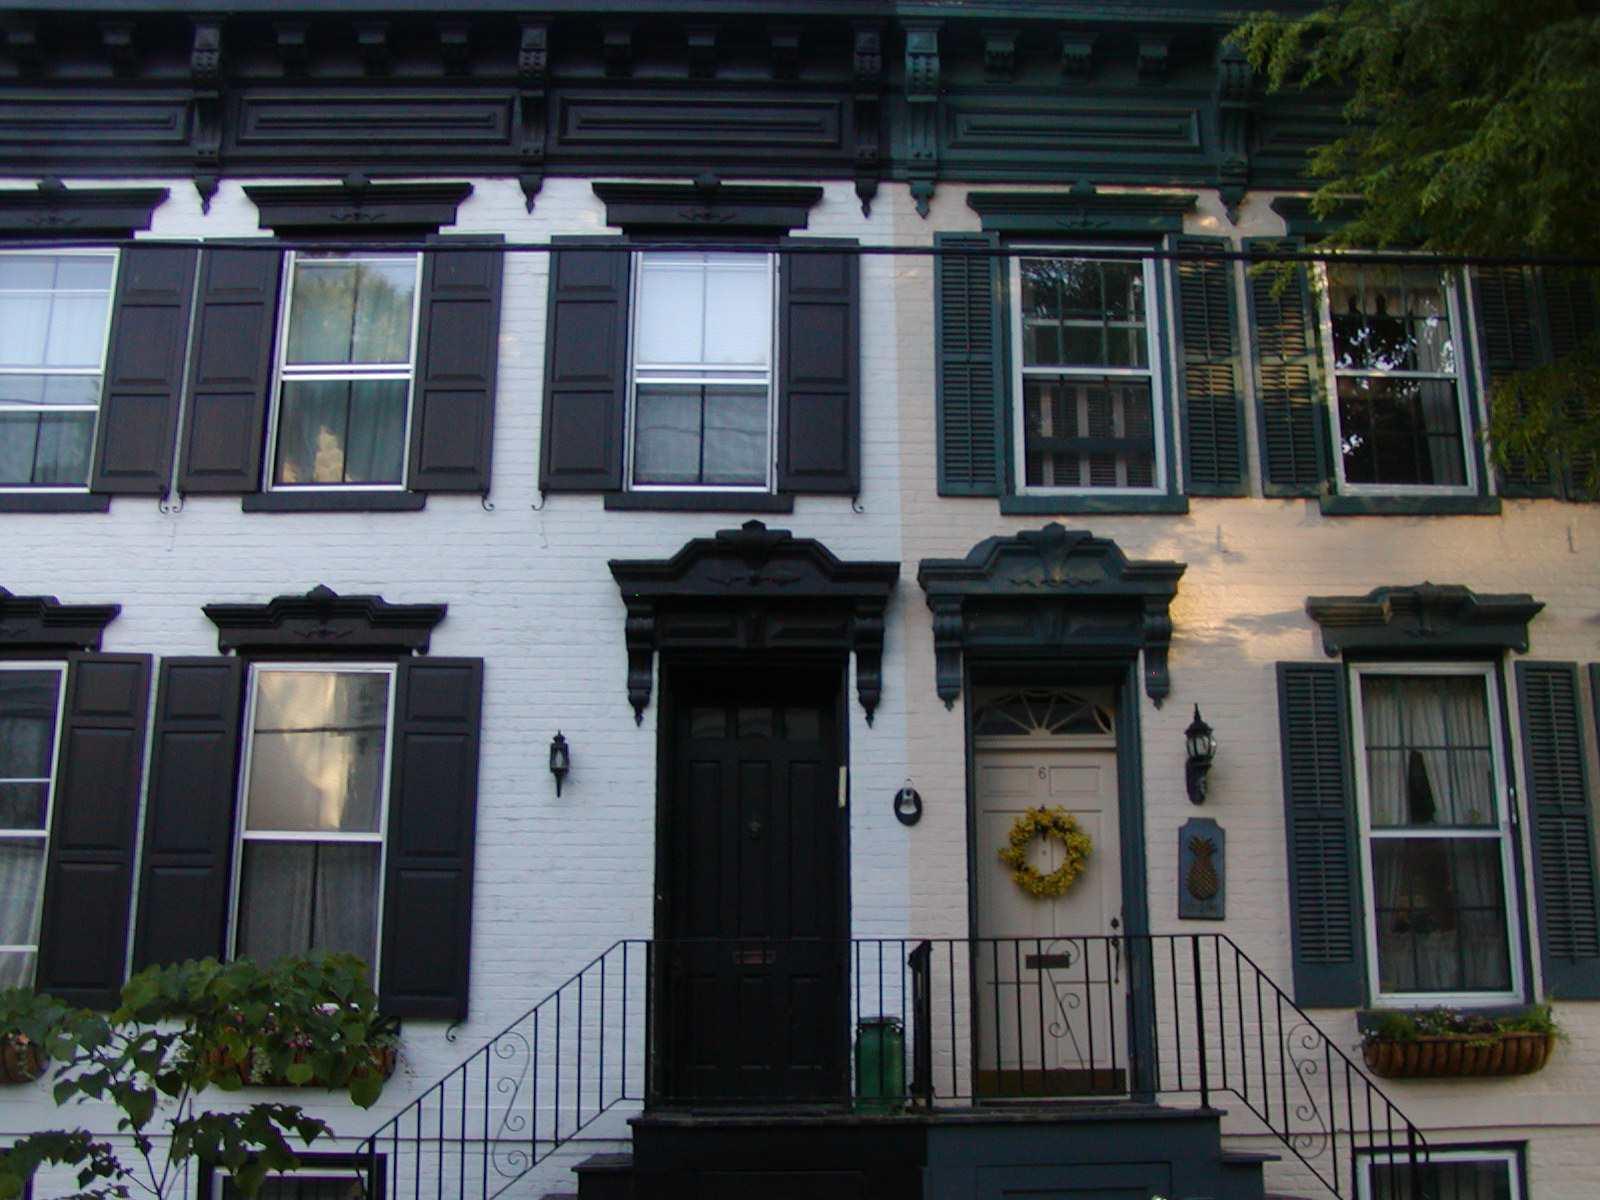 Casa adosada dividida solo por colores de pintura, ladrillos blancos y crema